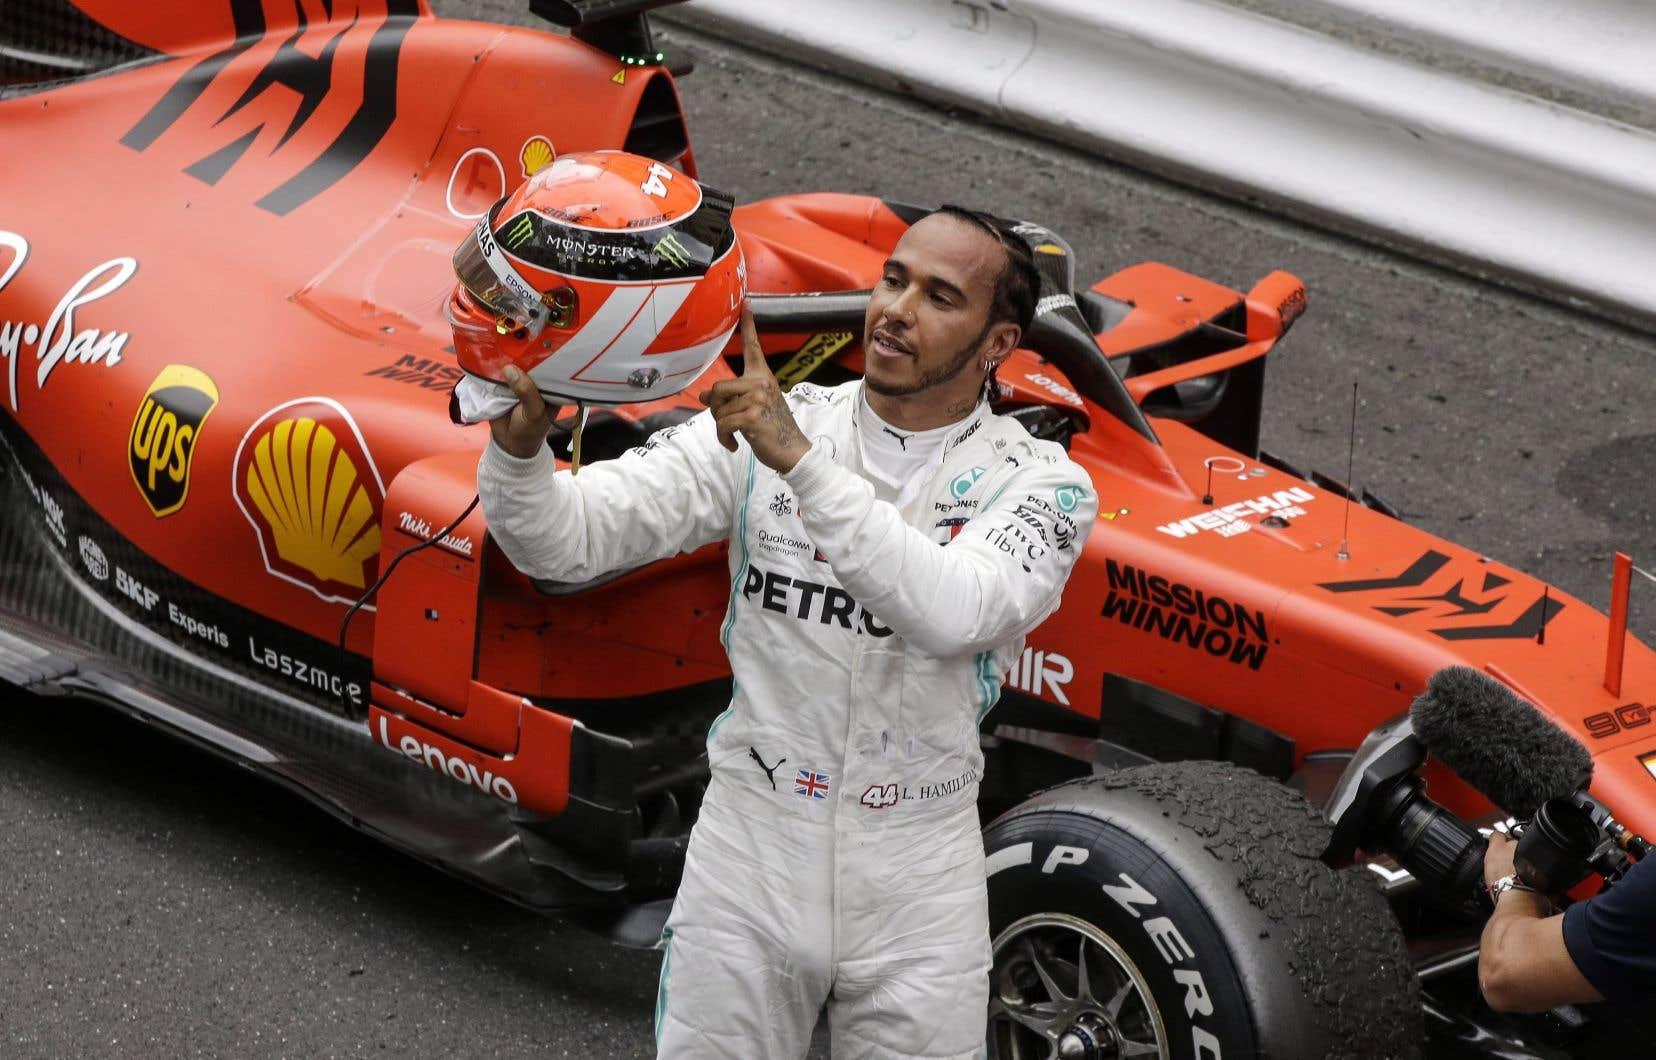 Lewis Hamilton, vainqueur de l'épreuve de Monaco, tient son casque rouge personnalisé en hommage à Niki Lauda, décédé le 20 mai dernier.